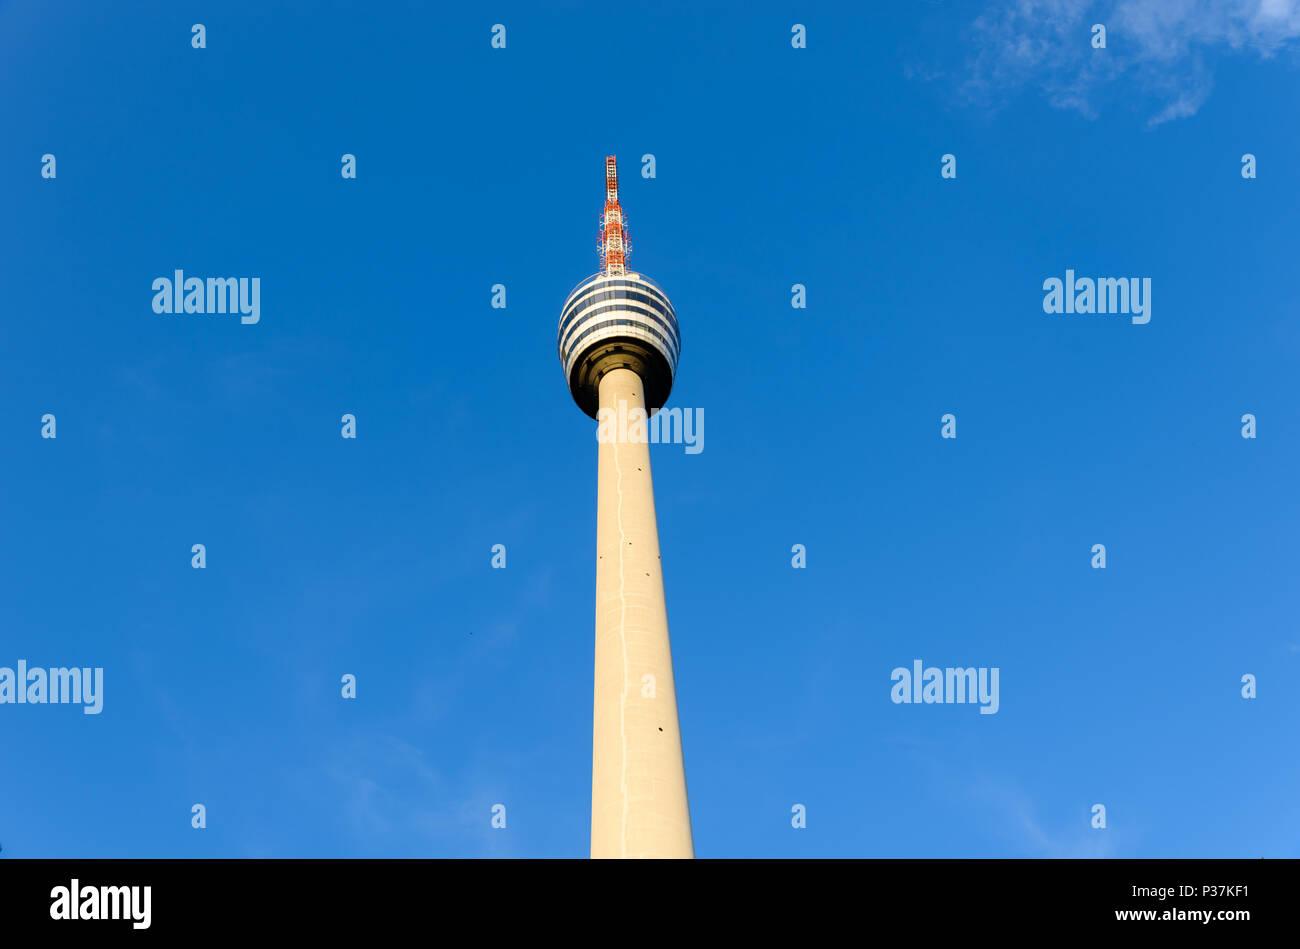 A Torre de Televisão em Stuttgart, Alemanha - Primeira torre de TV do mundo Imagens de Stock